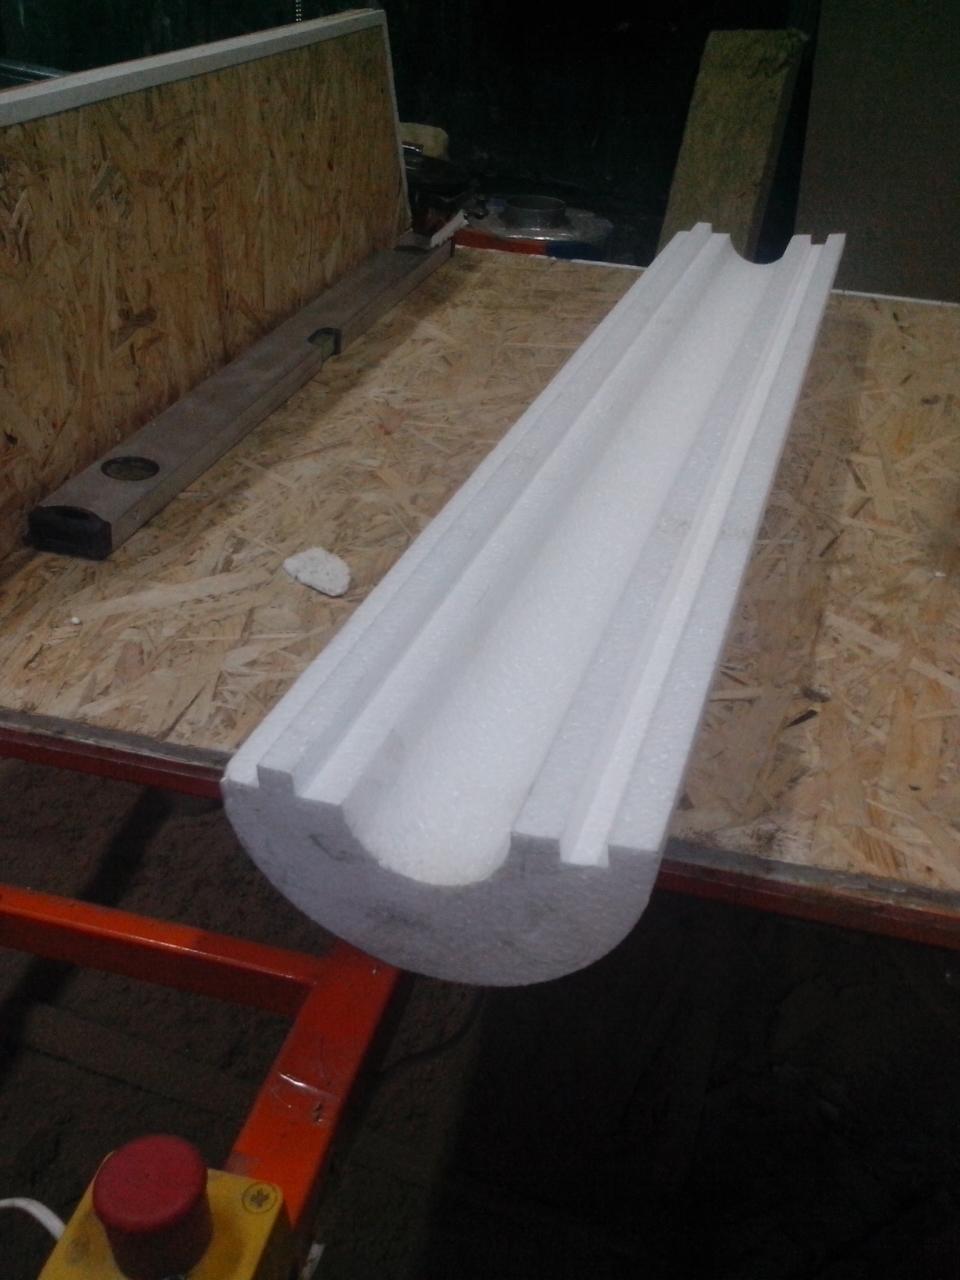 Утеплитель из пенопласта (пенополистирола) для труб Ø 57 мм толщиной 30 мм